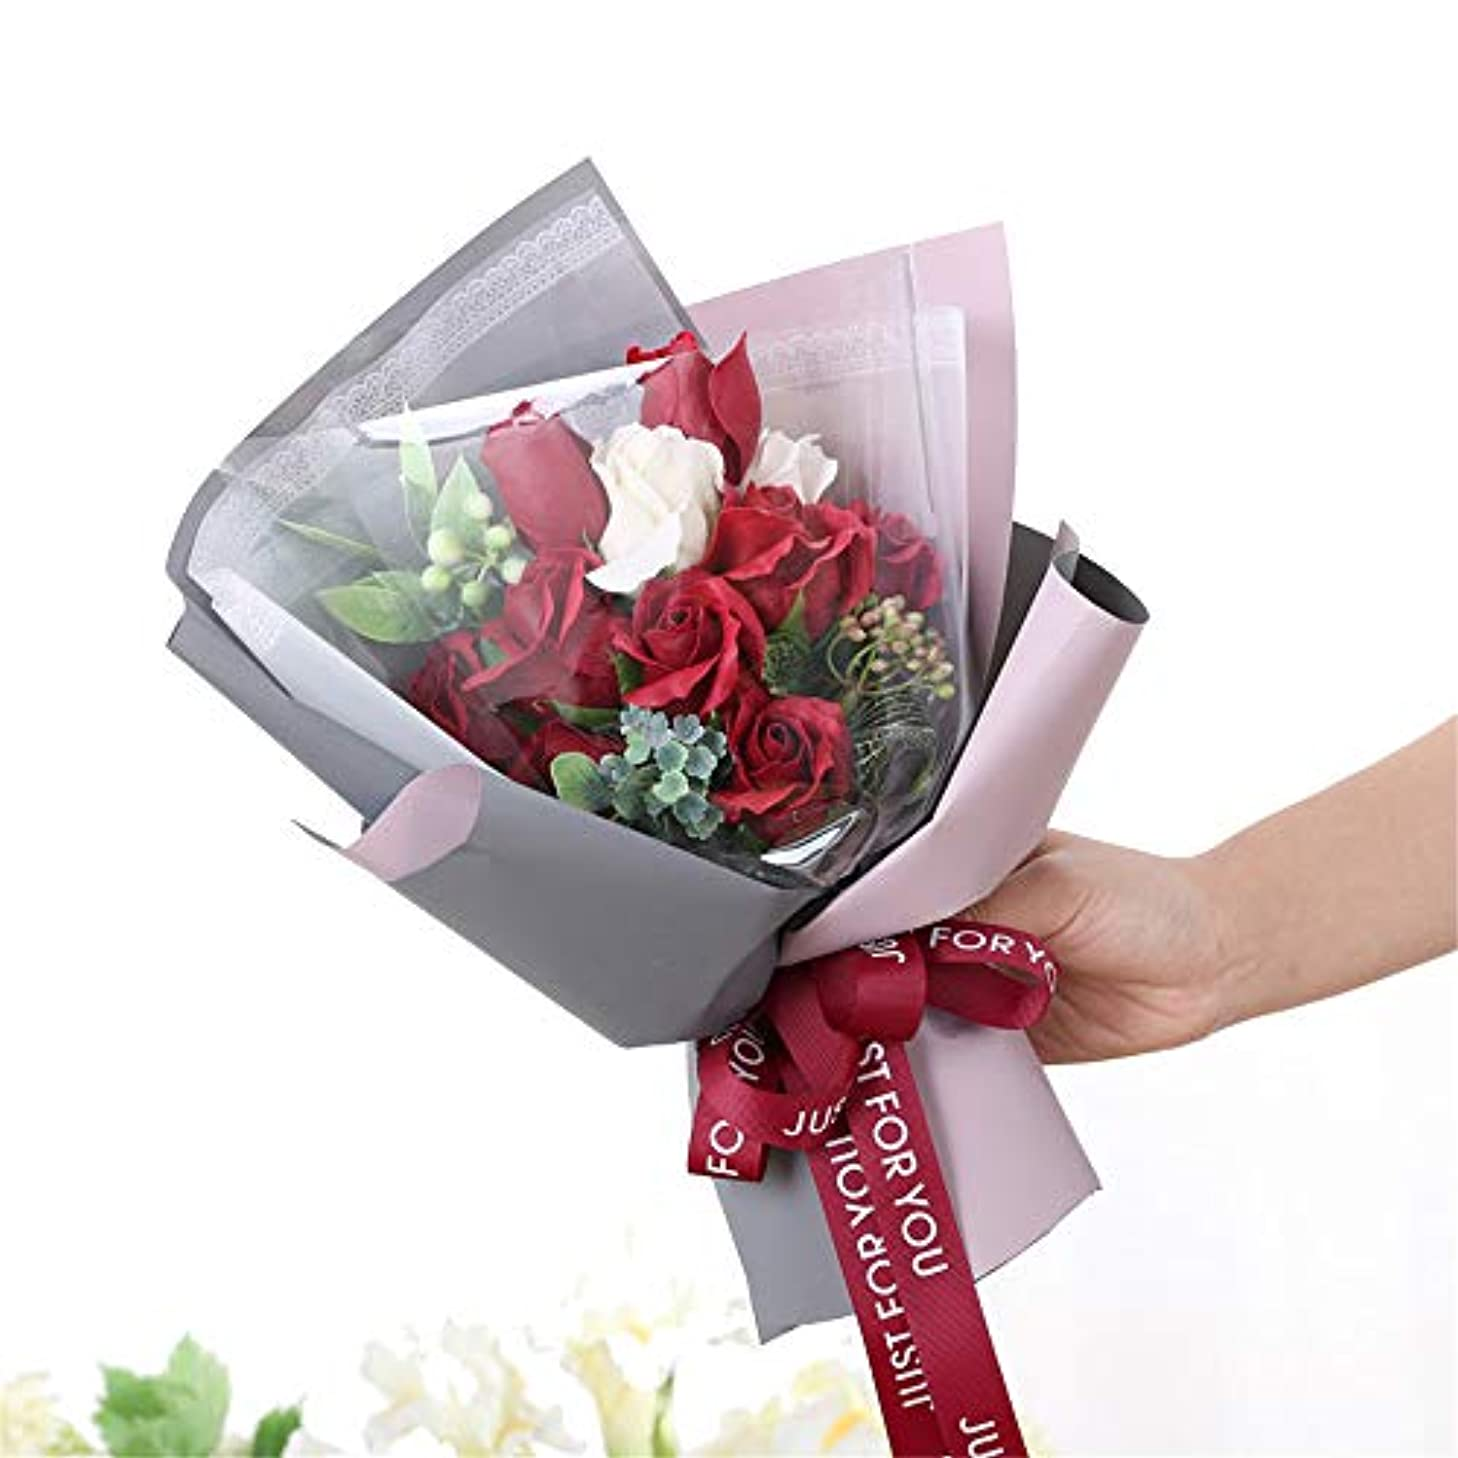 遺産戸口ブリーフケース手作りのバラ石鹸フラワーブーケのギフトボックス、女性のためのギフトバレンタインデー、母の日、結婚式、クリスマス、誕生日を愛した女の子 (色 : 赤)